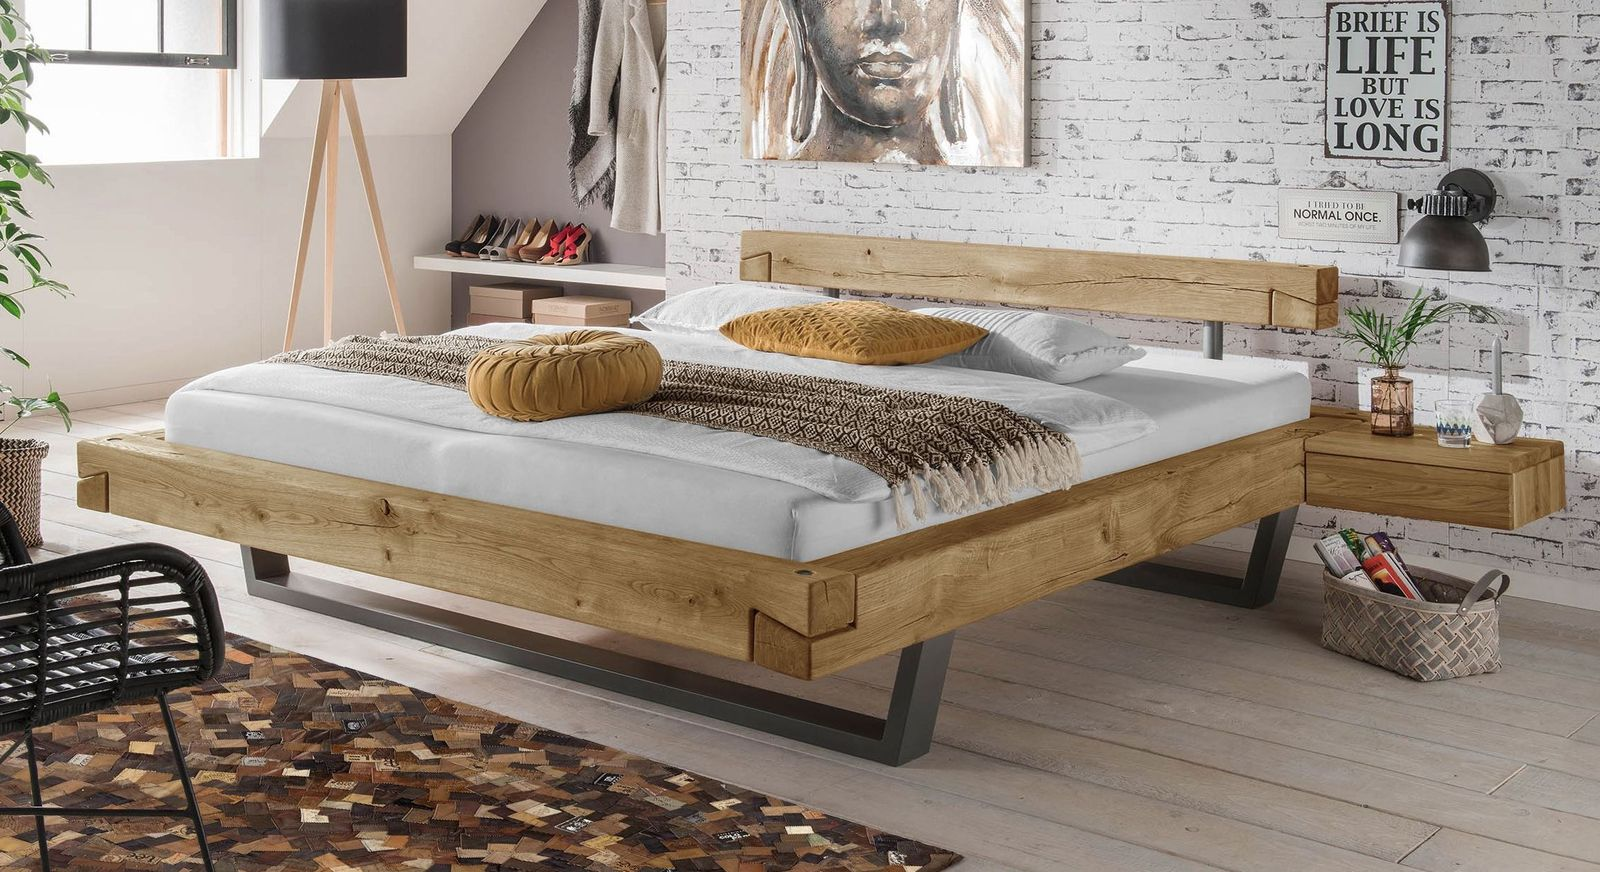 echtholz balkenbett aus wildeiche in schwebeoptik arsos. Black Bedroom Furniture Sets. Home Design Ideas